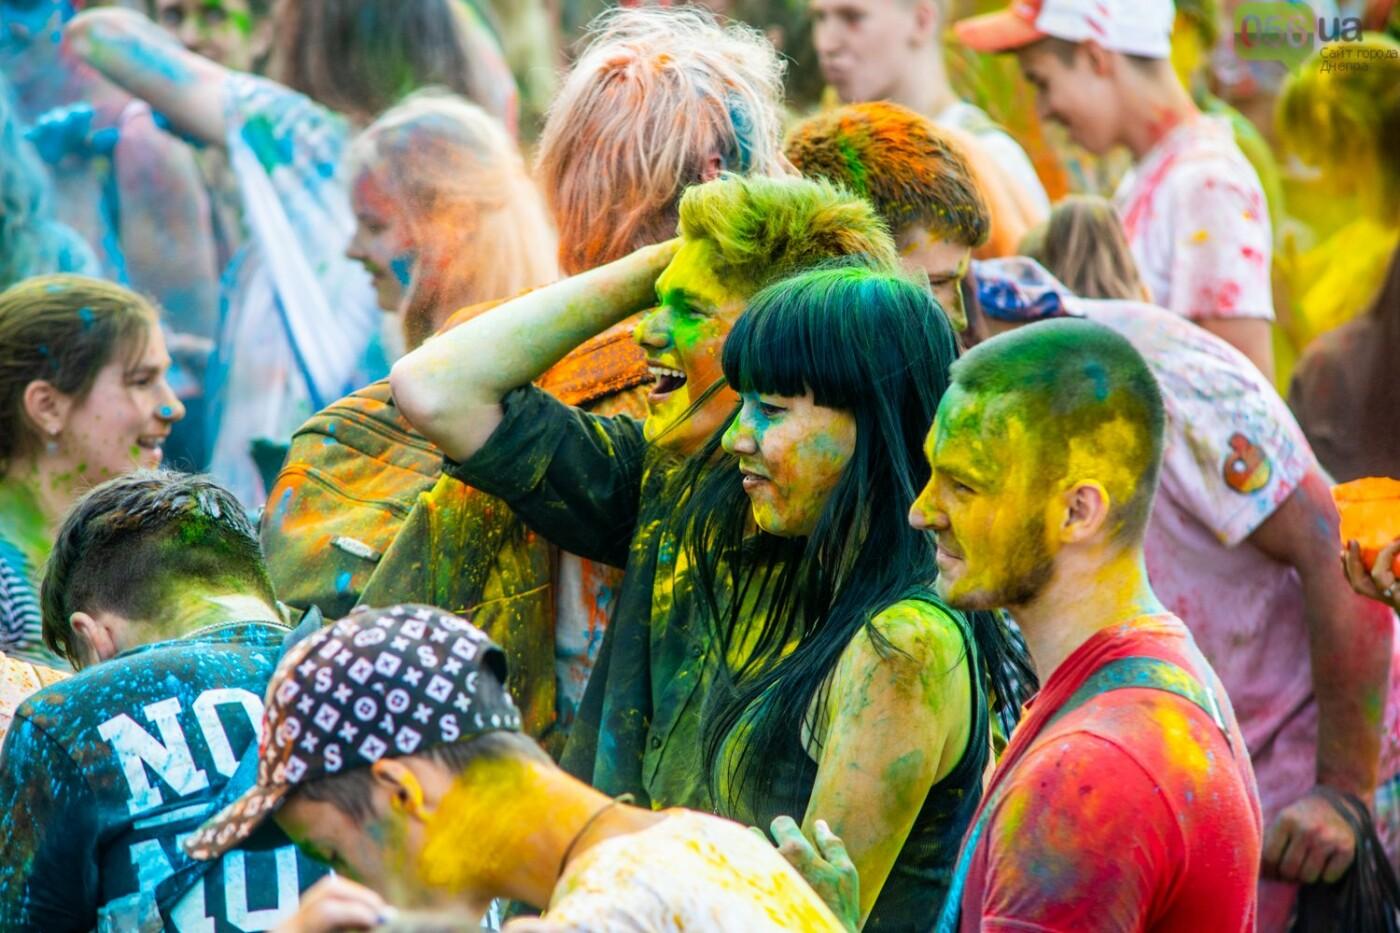 Фестиваль красок и свадьбы: как в Днепре прошел День молодежи, - ФОТОРЕПОРТАЖ, ВИДЕО, фото-15